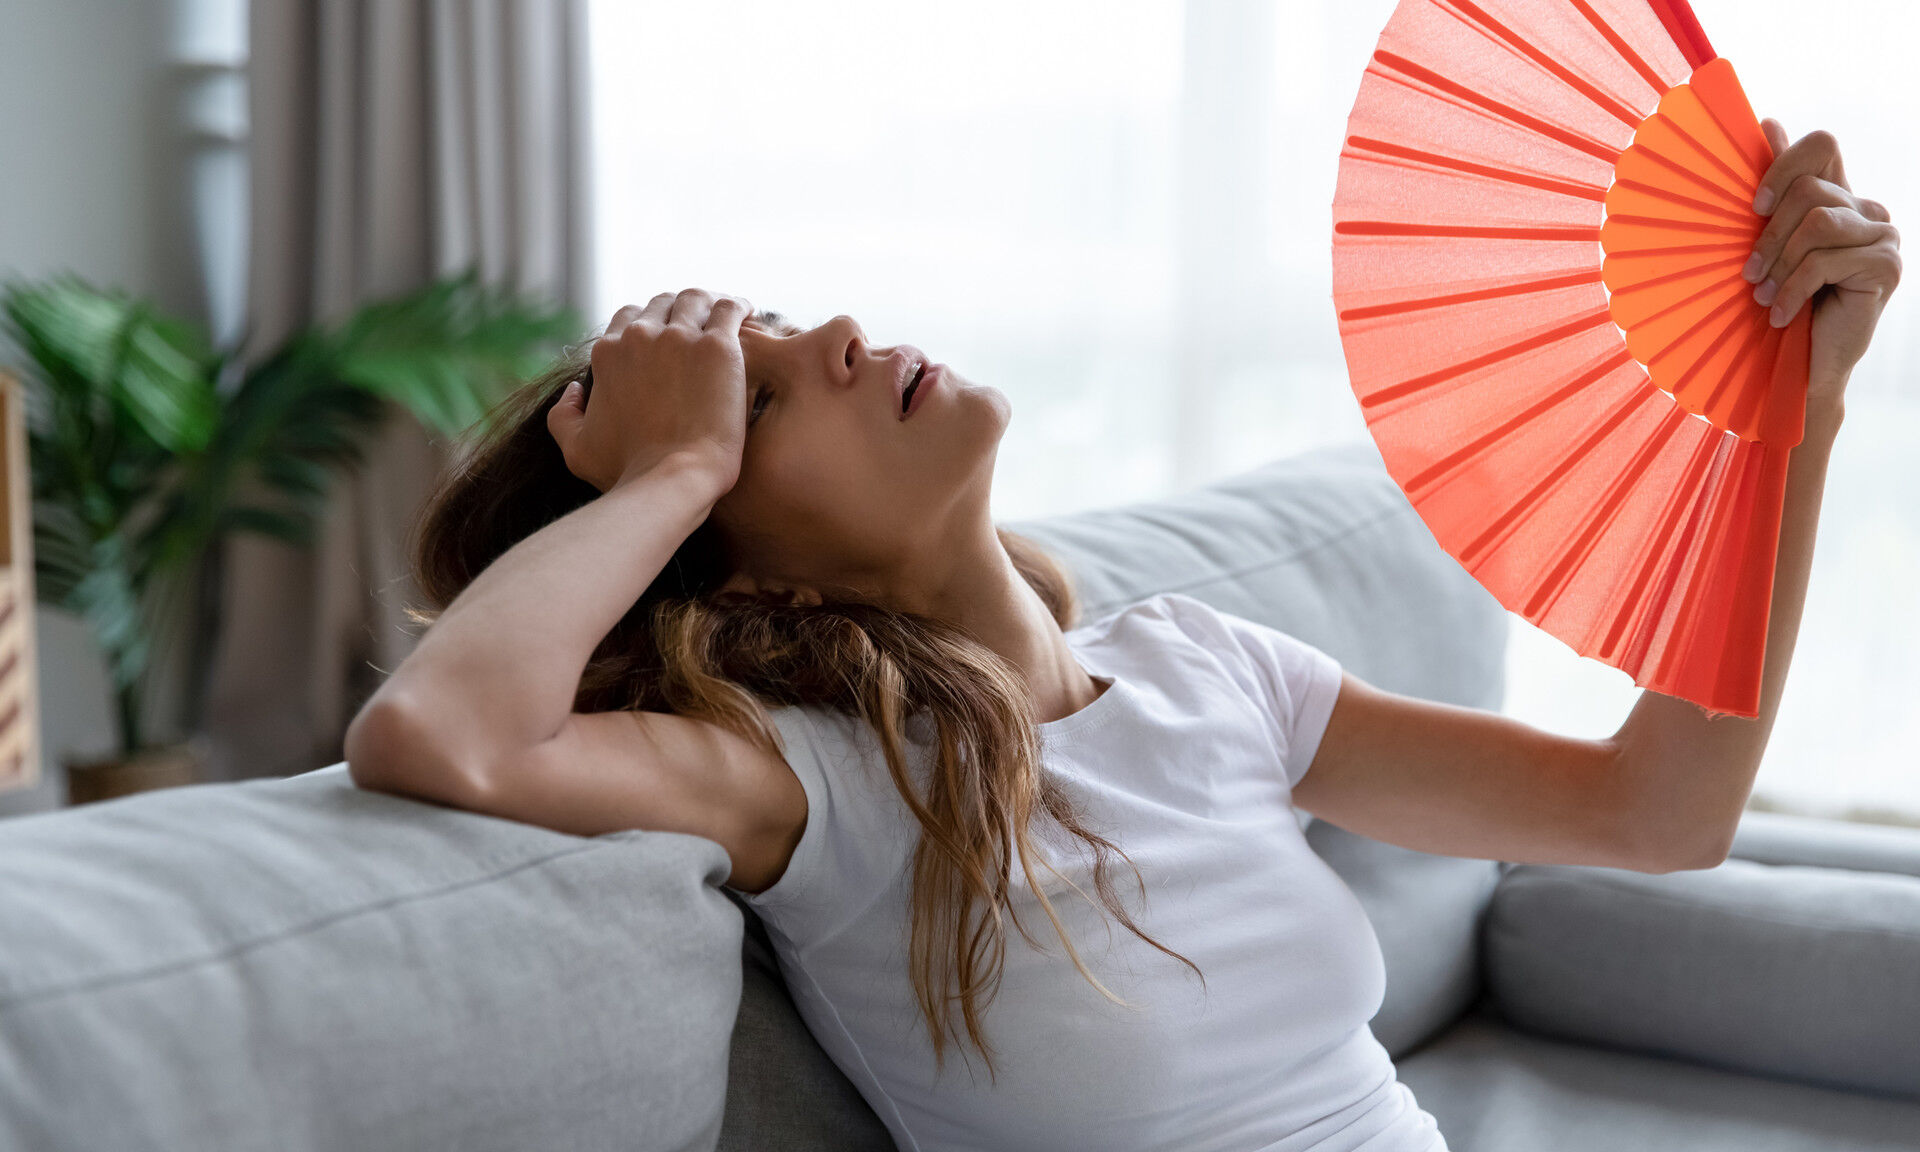 Если в квартире нет вентилятора или кондиционера, можно воспользоваться народными методами